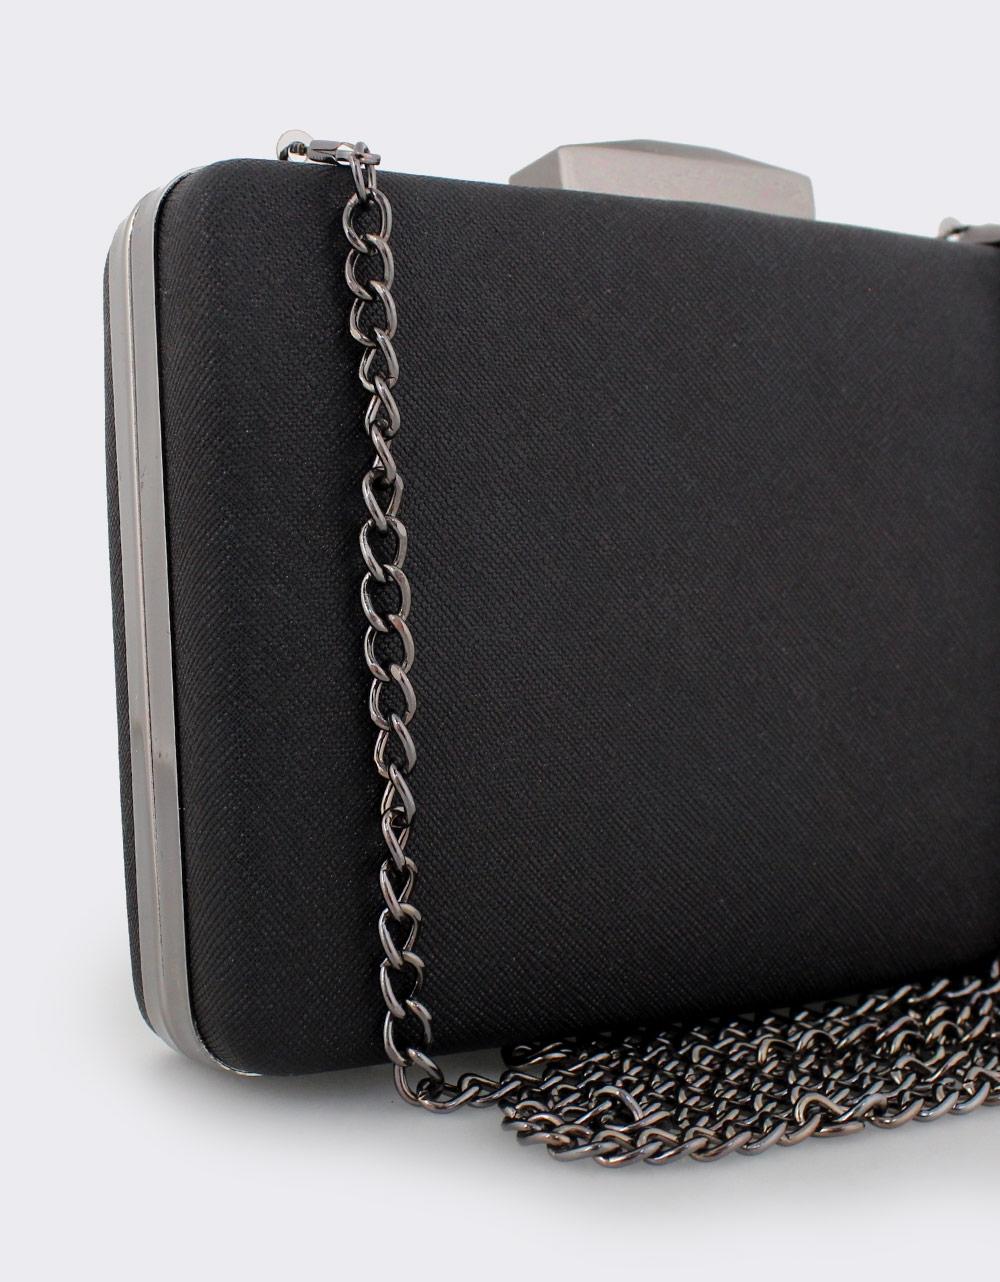 Εικόνα από Γυναικείοι φάκελοι clutch με χρυσόσκονη Μαύρο